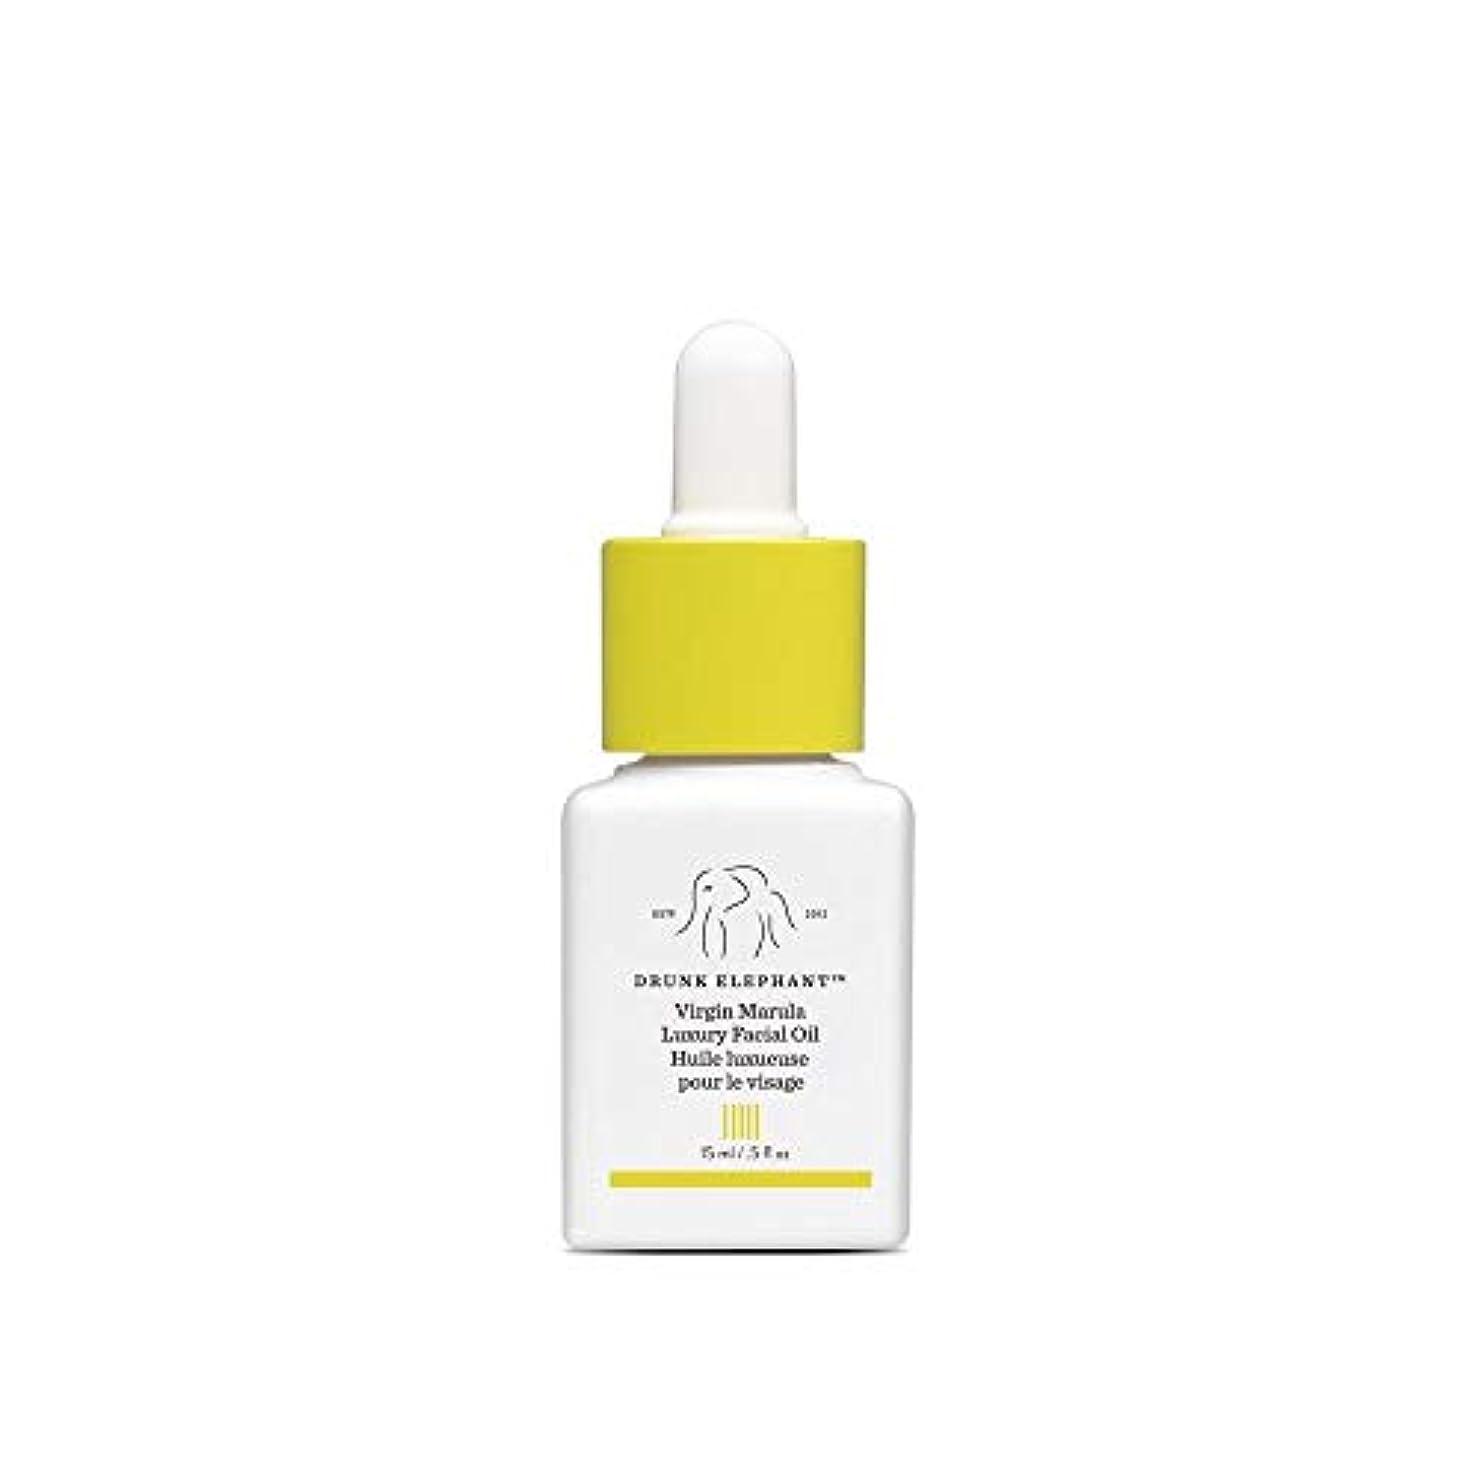 コーンフルーティークロニクルDrunk Elephant Virgin Marula Luxury Facial Oil 15ml (0.5oz)ドランクエレファントバージンマルラ ラグジュアリー フェイシャルオイル